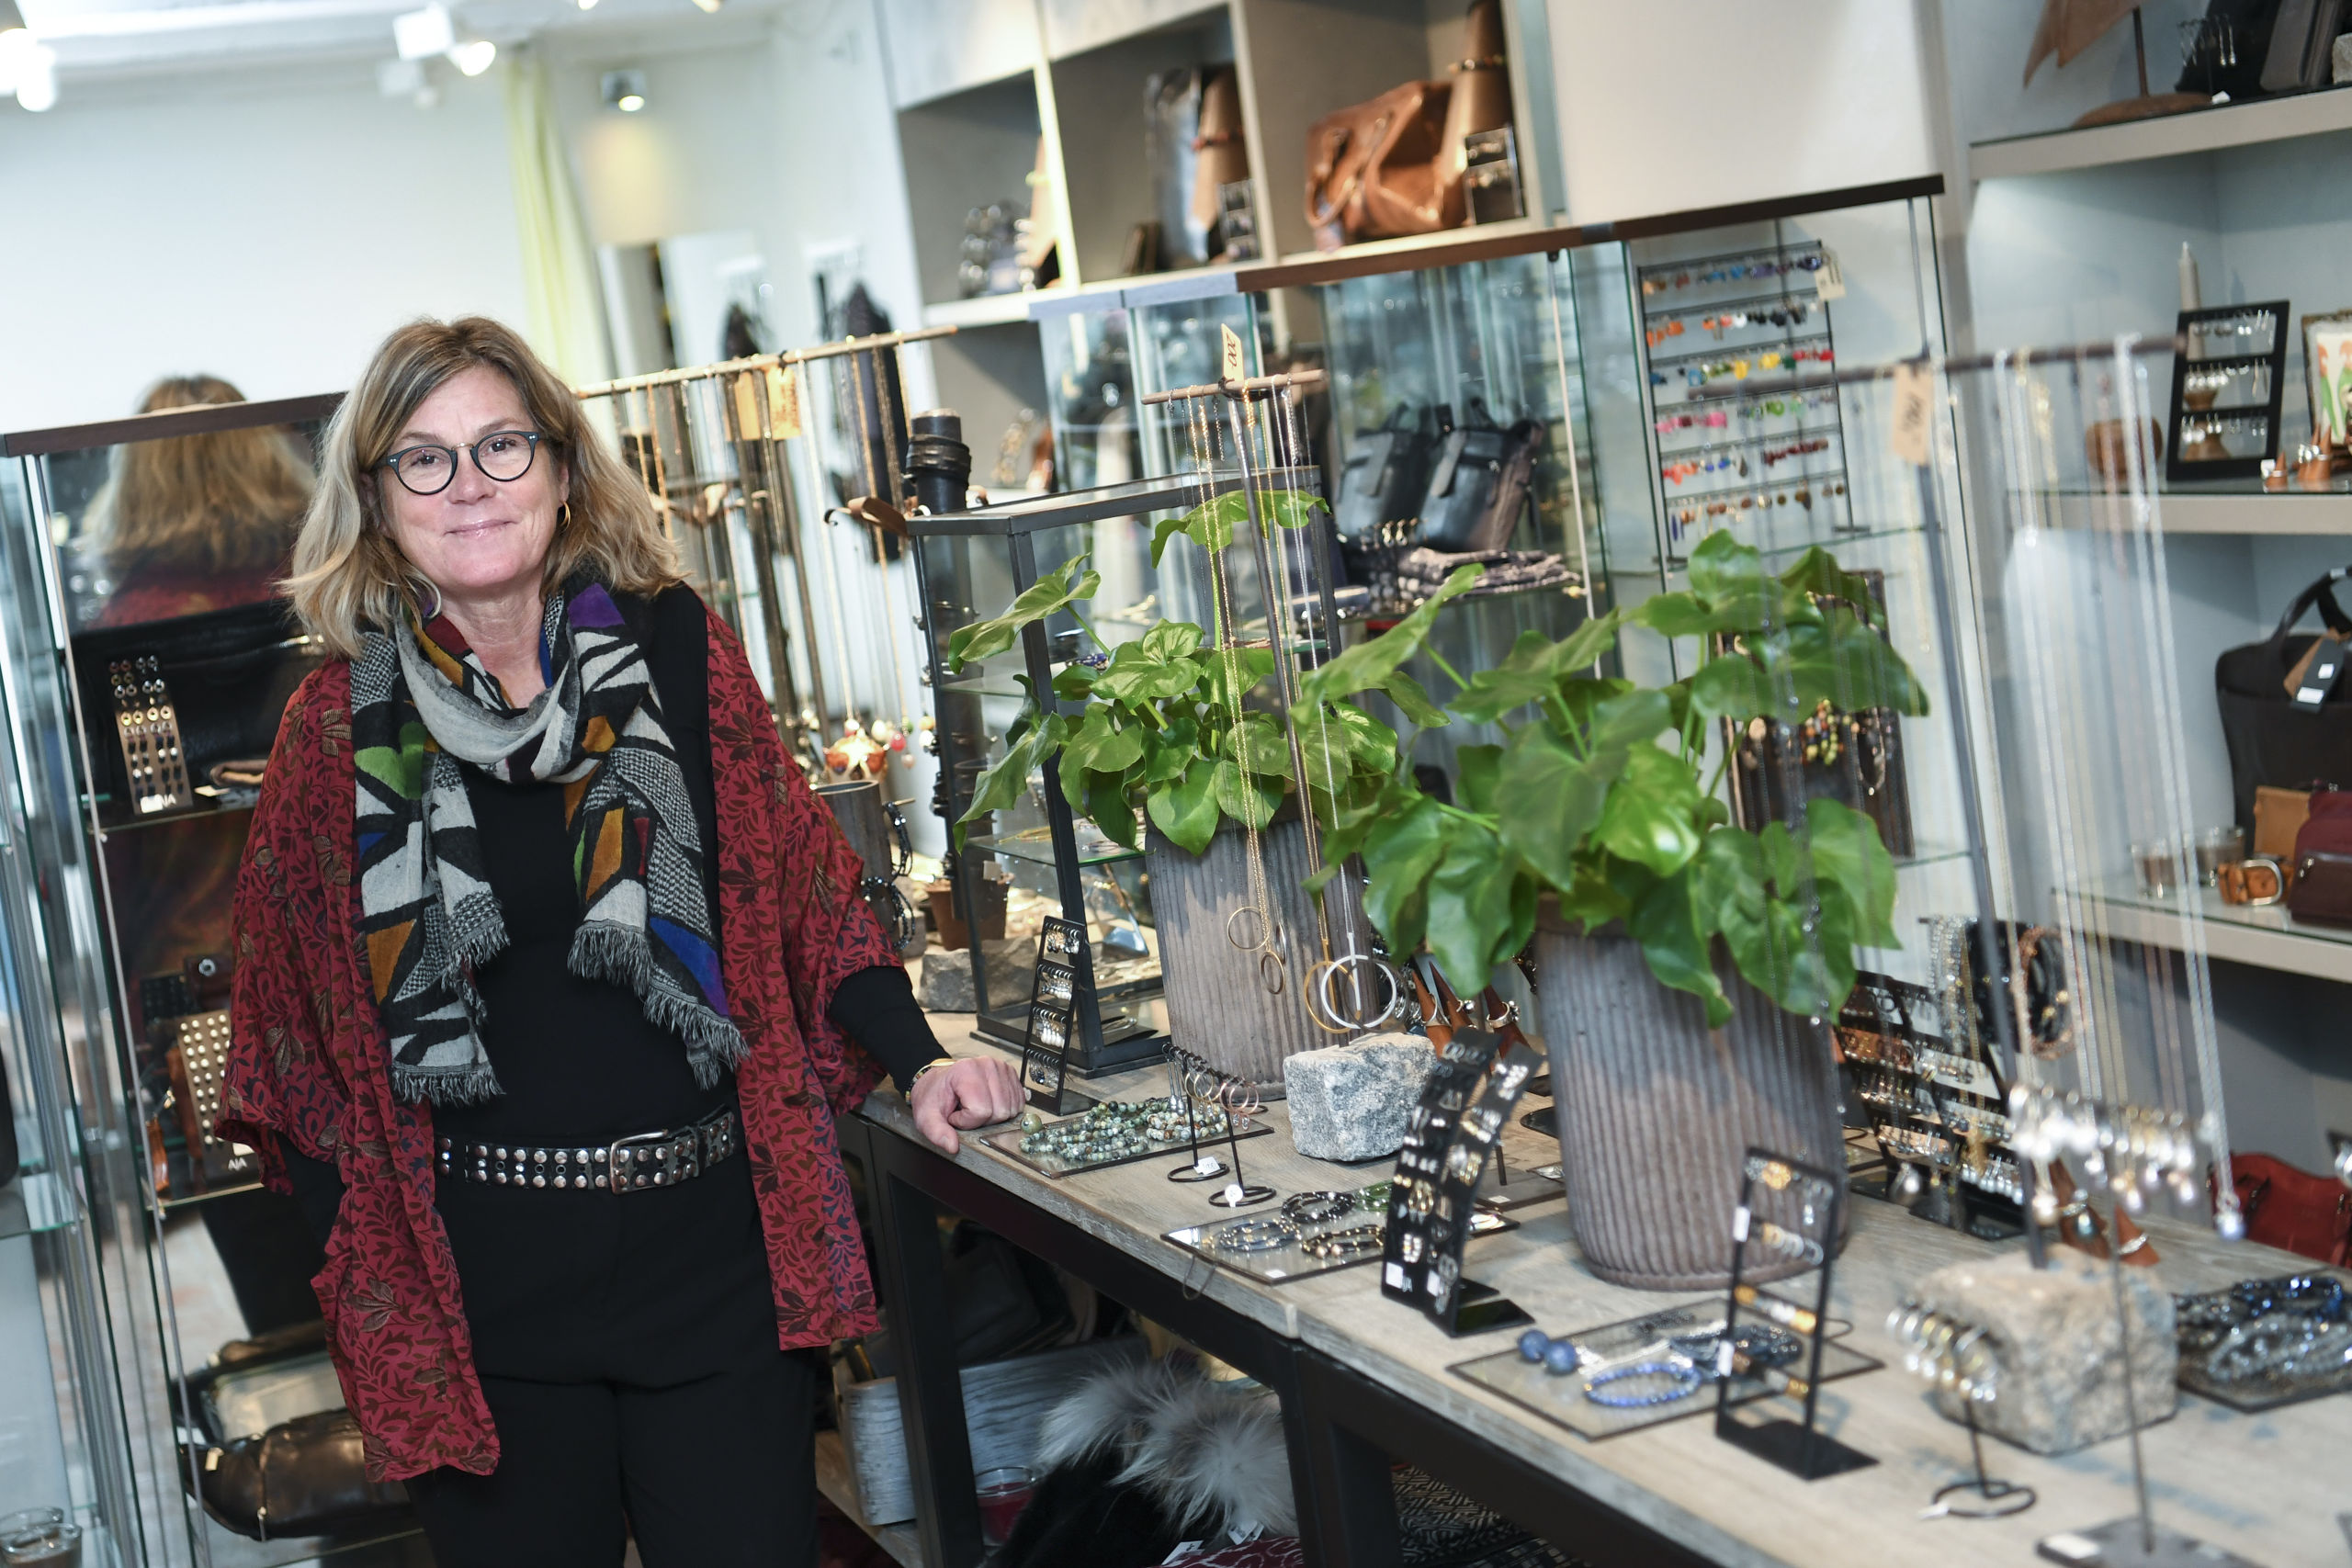 Jette Raal fra Kunst & Klæ'r og en gruppe andre forretningsdrivende i Nørregade har samlet brugt tøj ind i hjemløse og andre trængende. Arkivfoto: Mette Nielsen